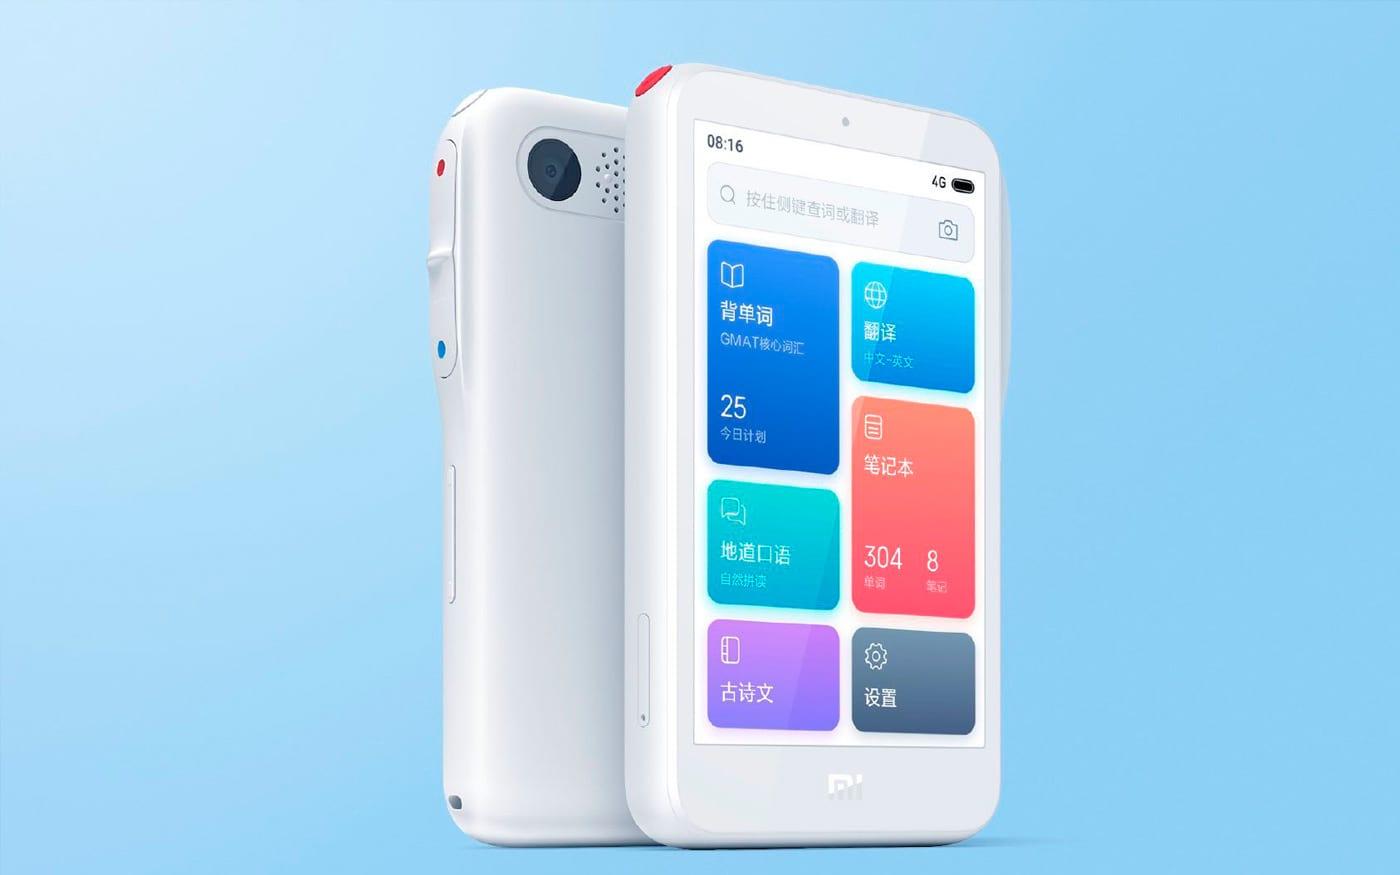 Vamos aprender inglês com o professor da Xiaomi? Conheça o English Teaching Gadget